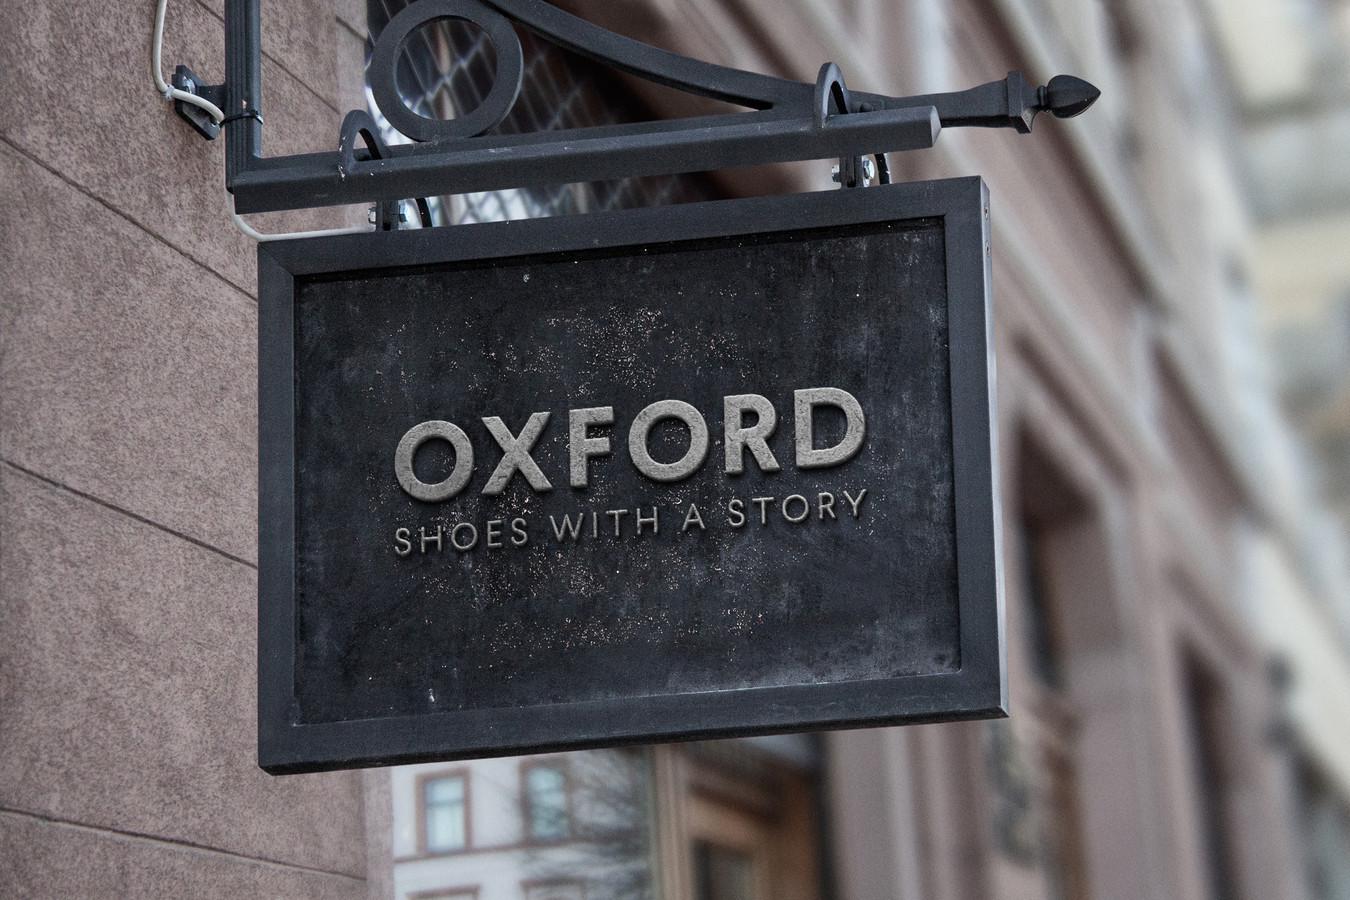 OXFORD – tai rankų darbo vyriškos avalynės namai. Pati idėja ir įkvėpimas logotipui – angliška rankų darbo avalynė. Šis ženklas patikimas, ilgaamžiškumą bei stilių vertinantis.